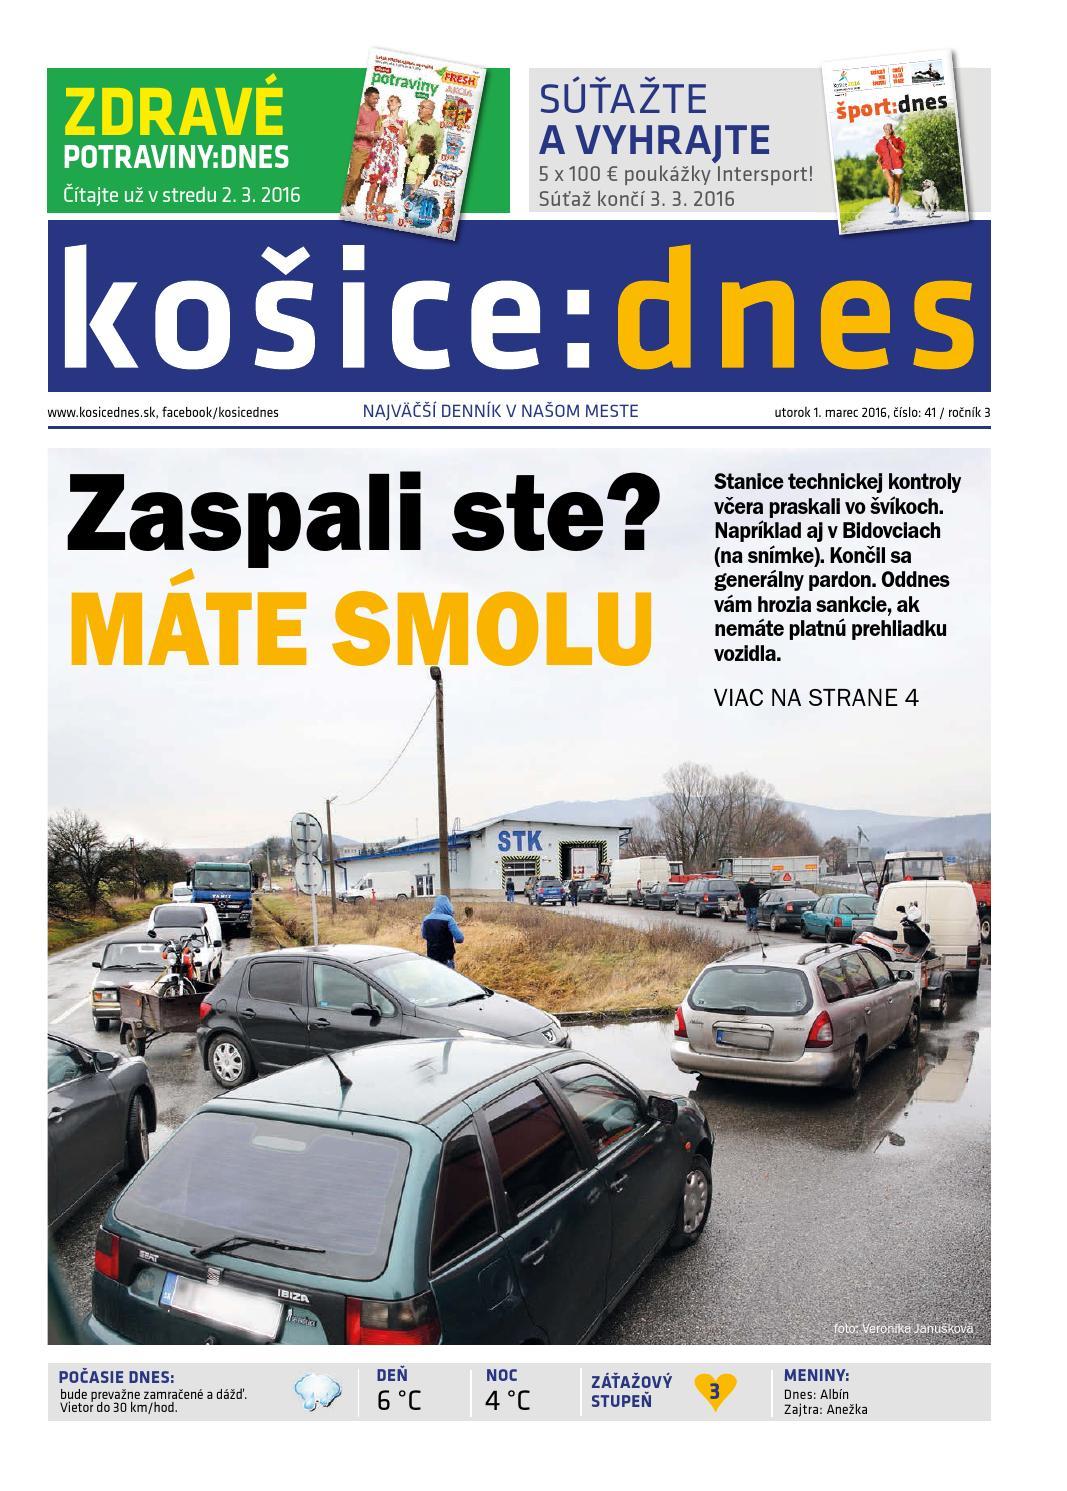 košice dnes 1.3. 2016 by KOŠICE DNES - issuu b81596a4c78